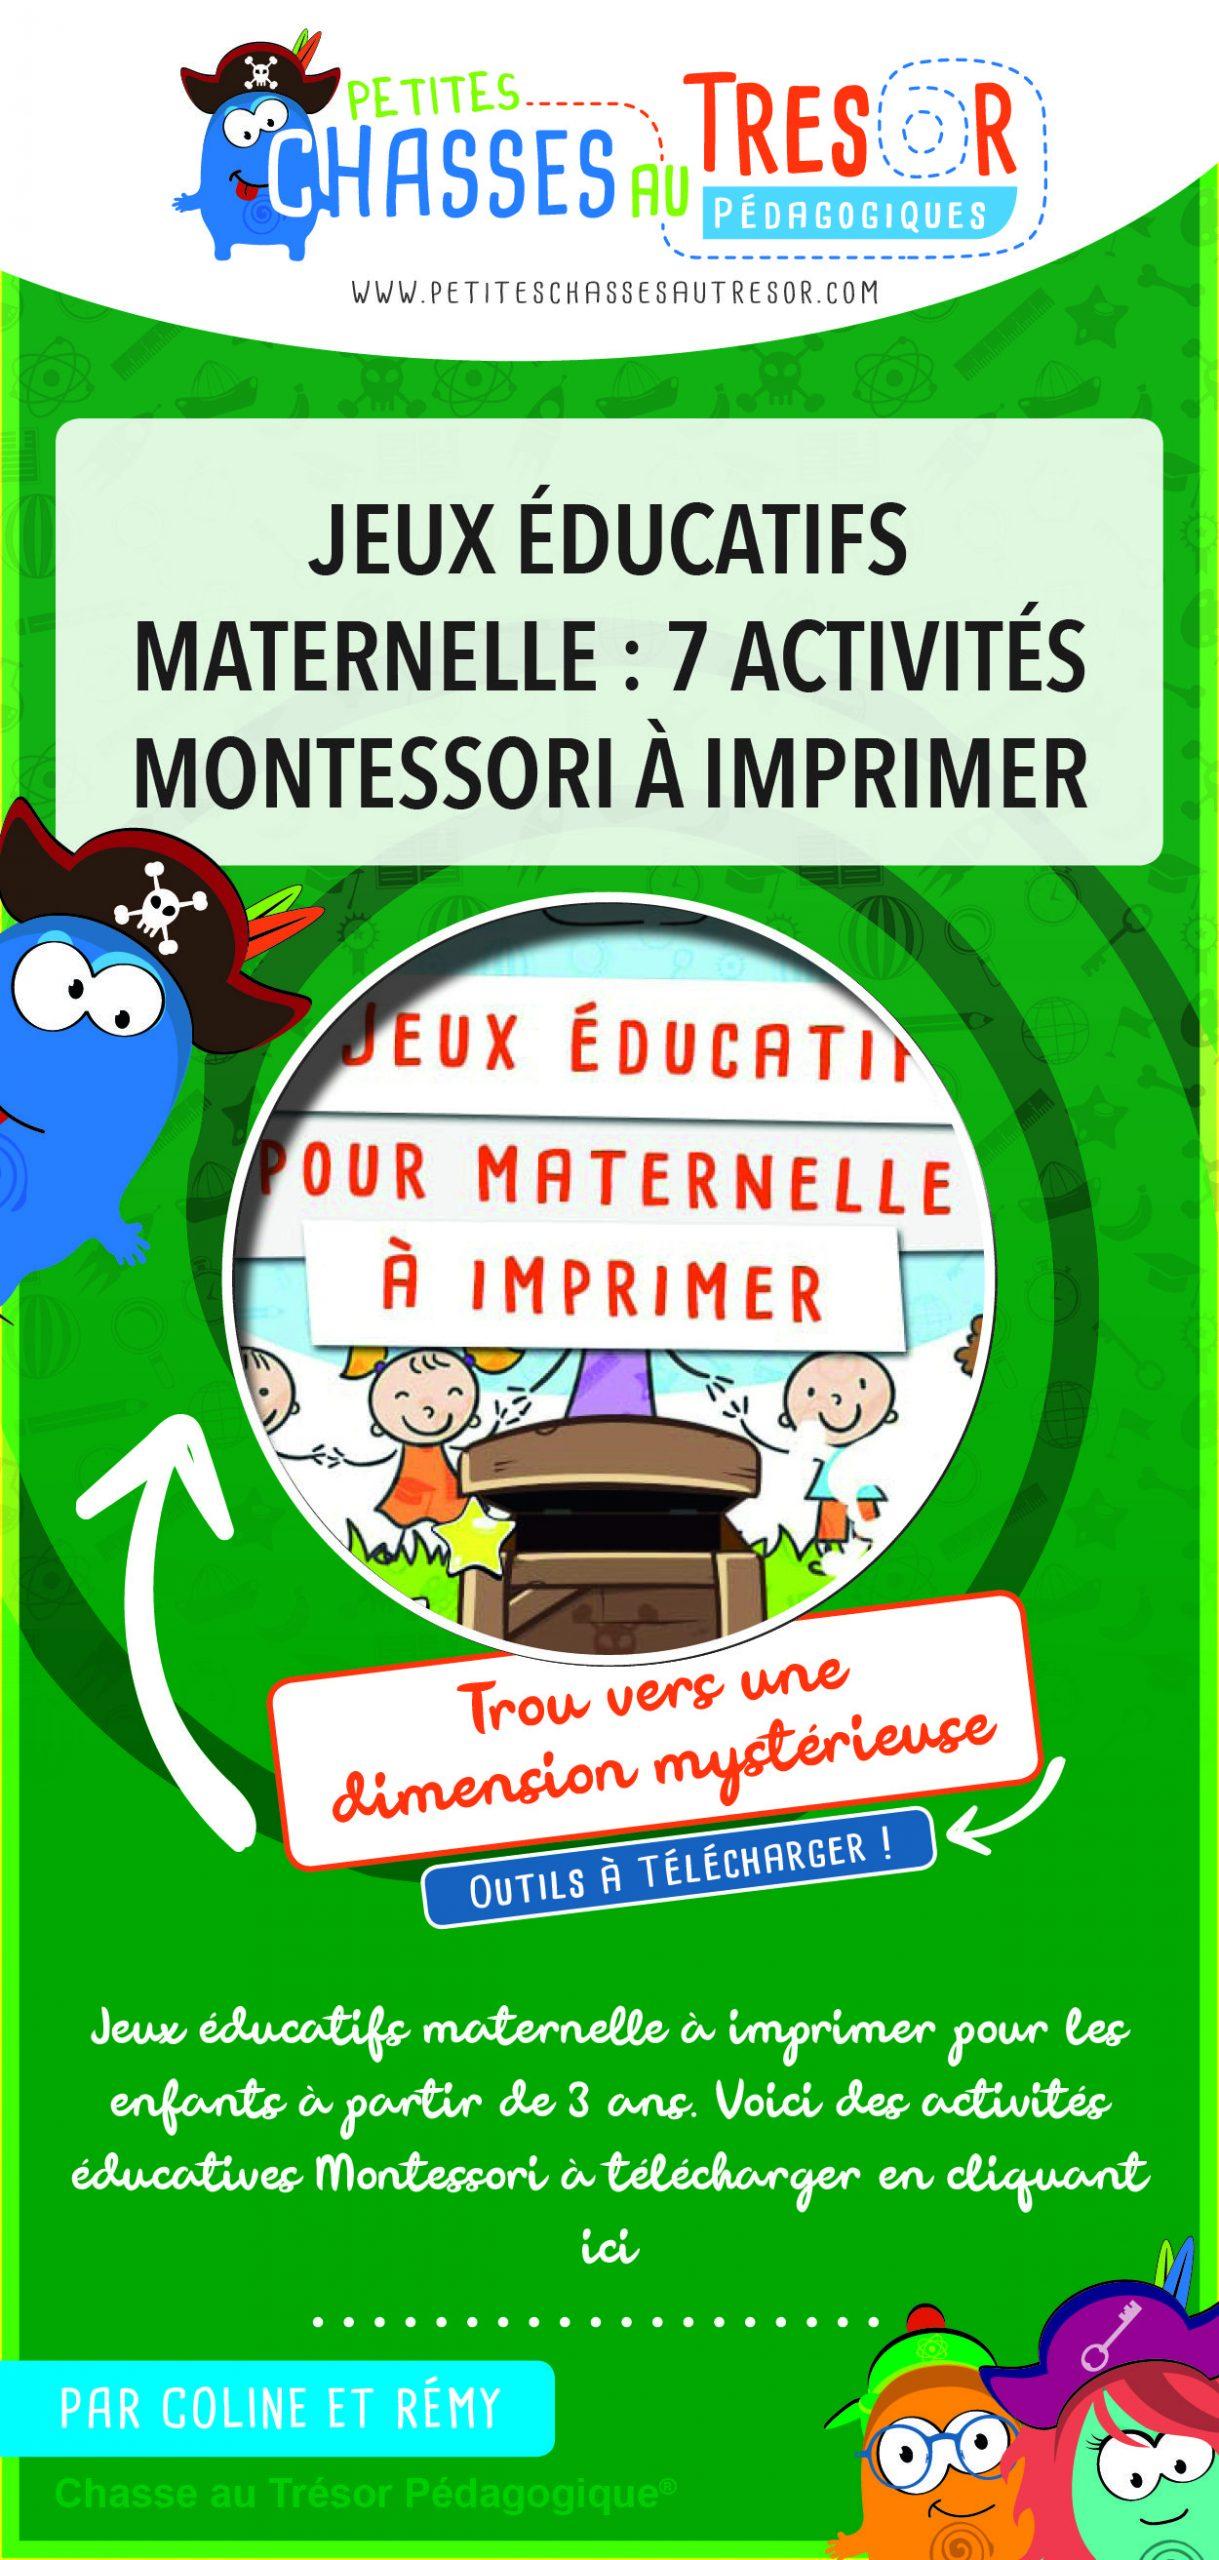 Jeux Éducatifs Maternelle : 7 Activités Montessori À concernant Jeux Pour Petit Garcon De 3 Ans Gratuit